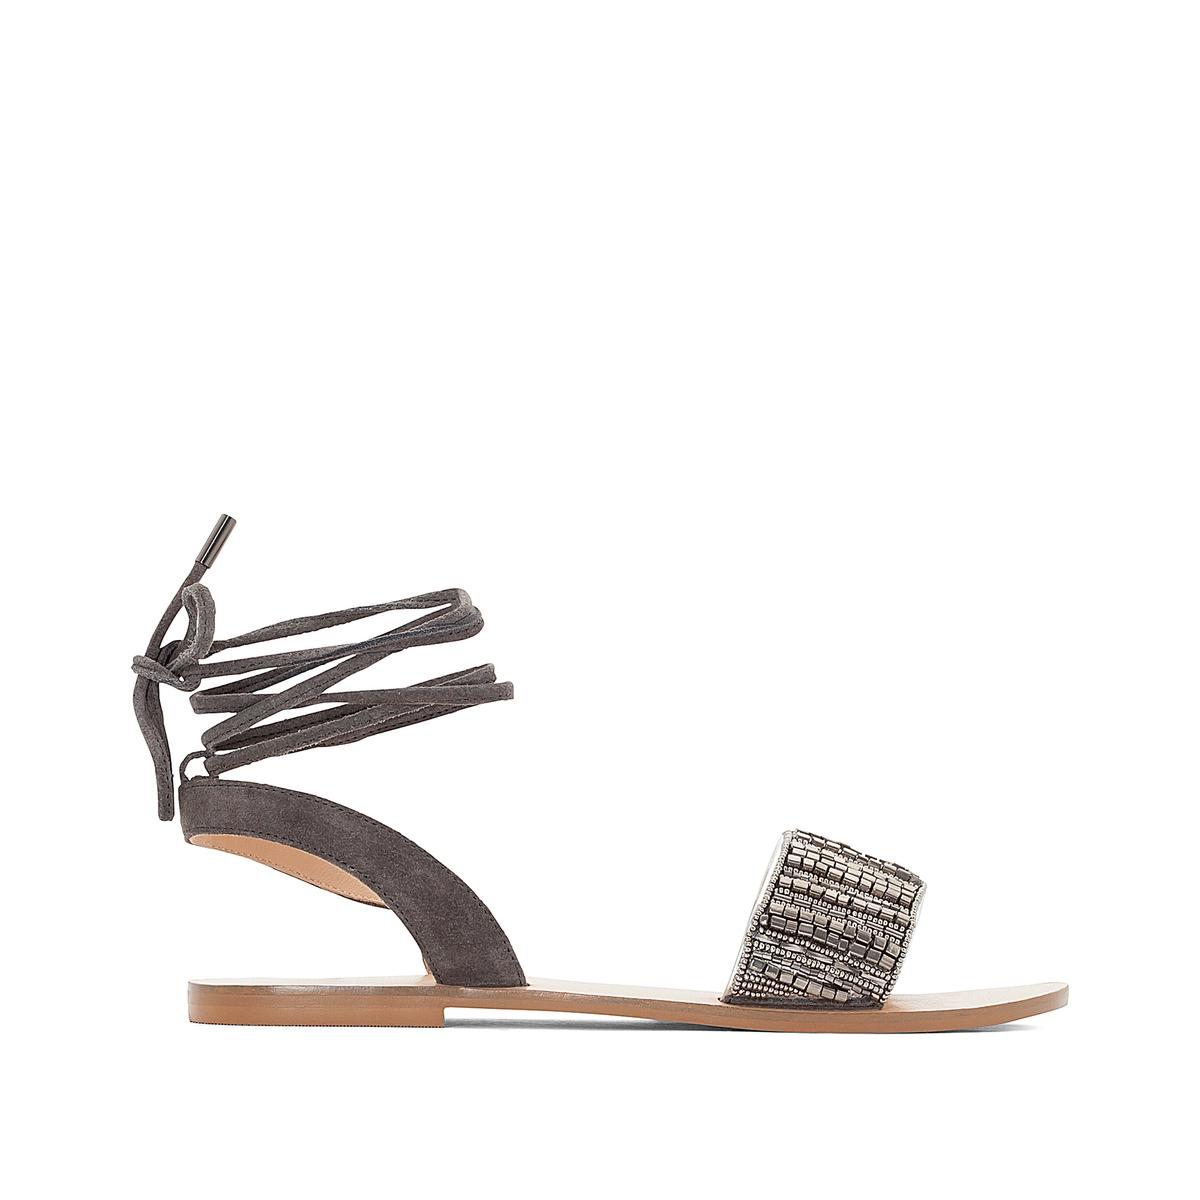 Босоножки кожаные с бусинами на плоском каблуке босоножки кожаные с кисточками на плоском каблуке